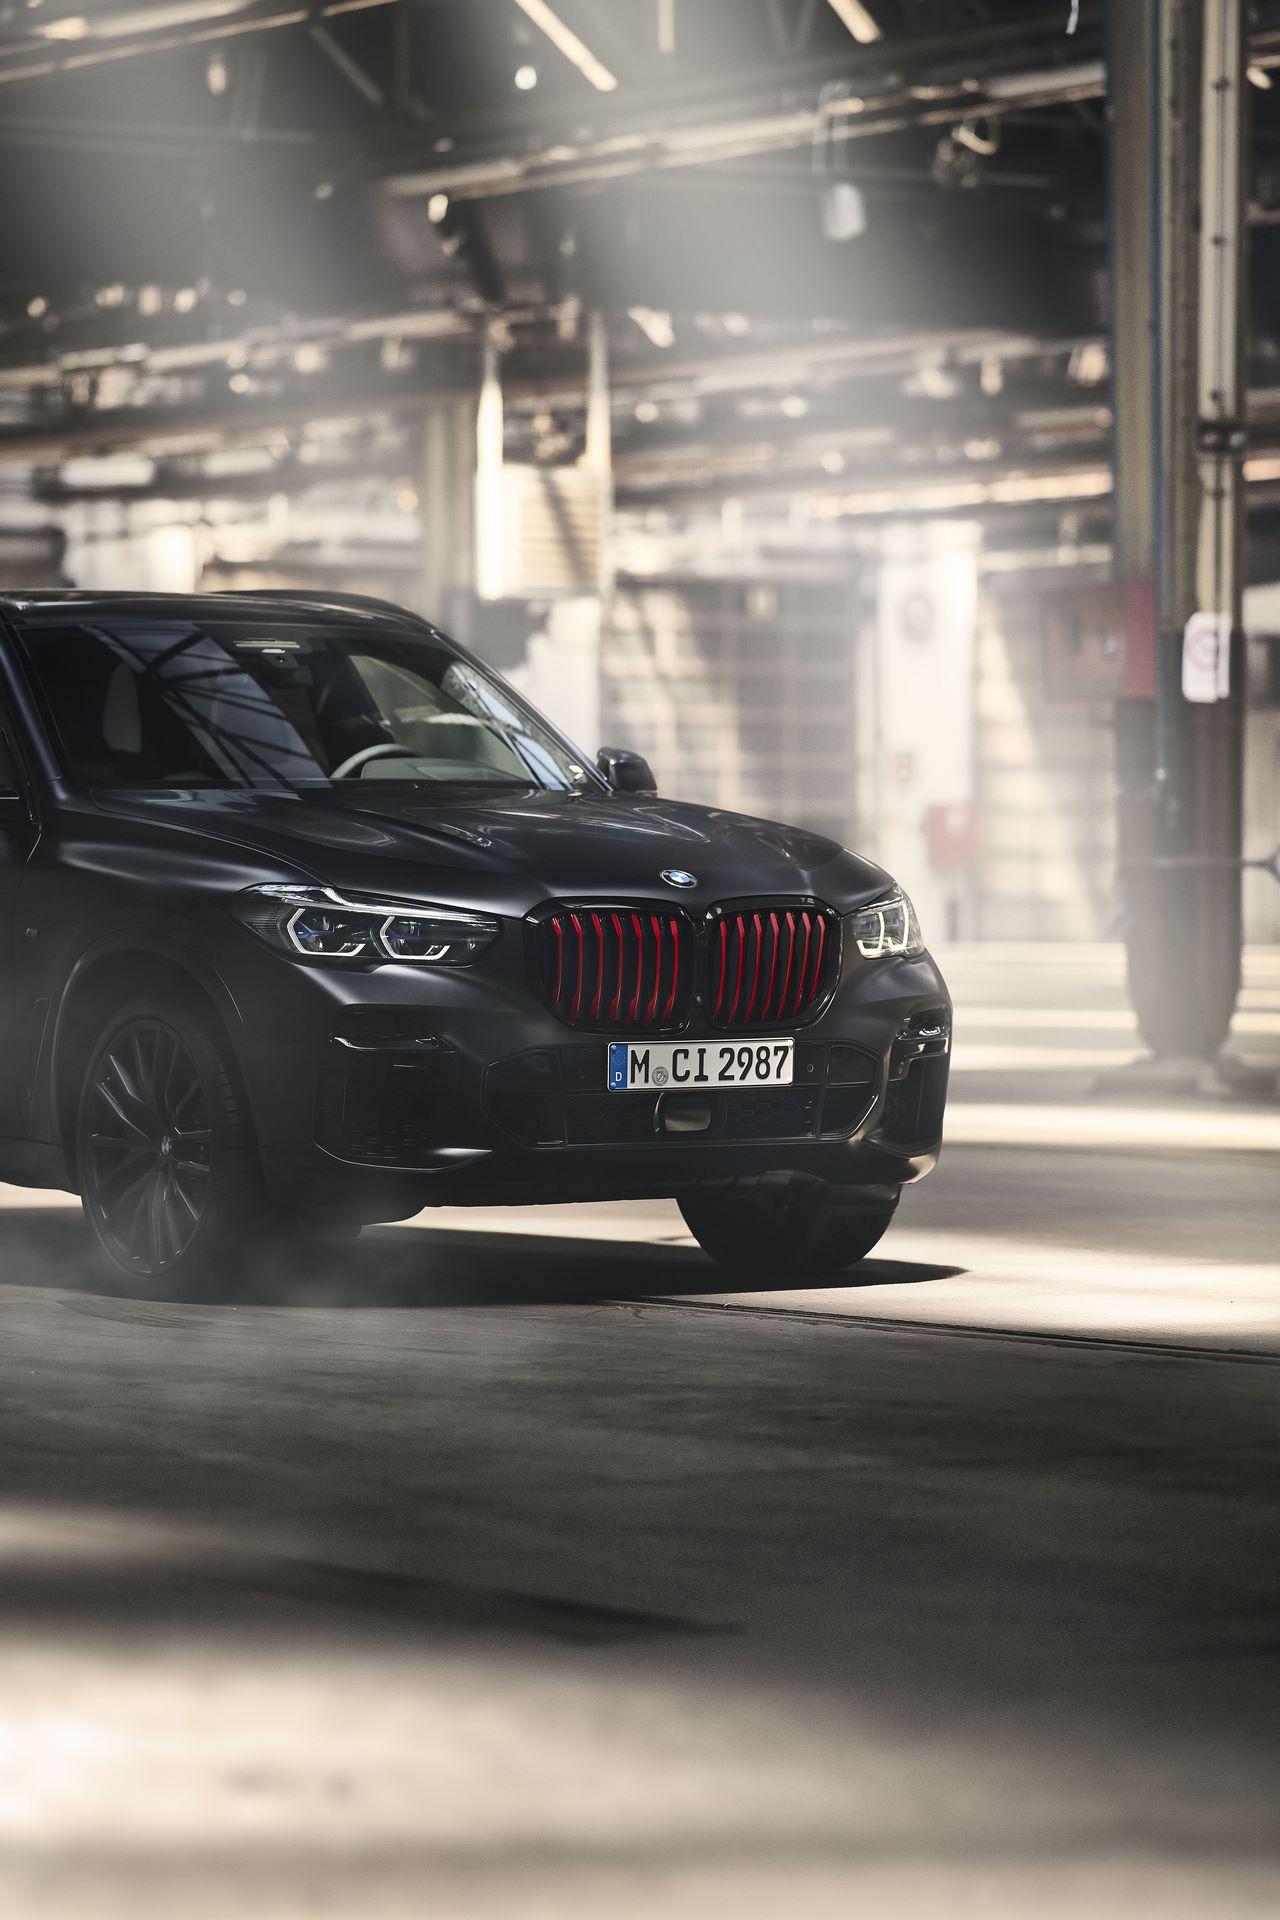 BMW-X5-Χ6-Black-Vermilion-X7-Limited-Edition-9